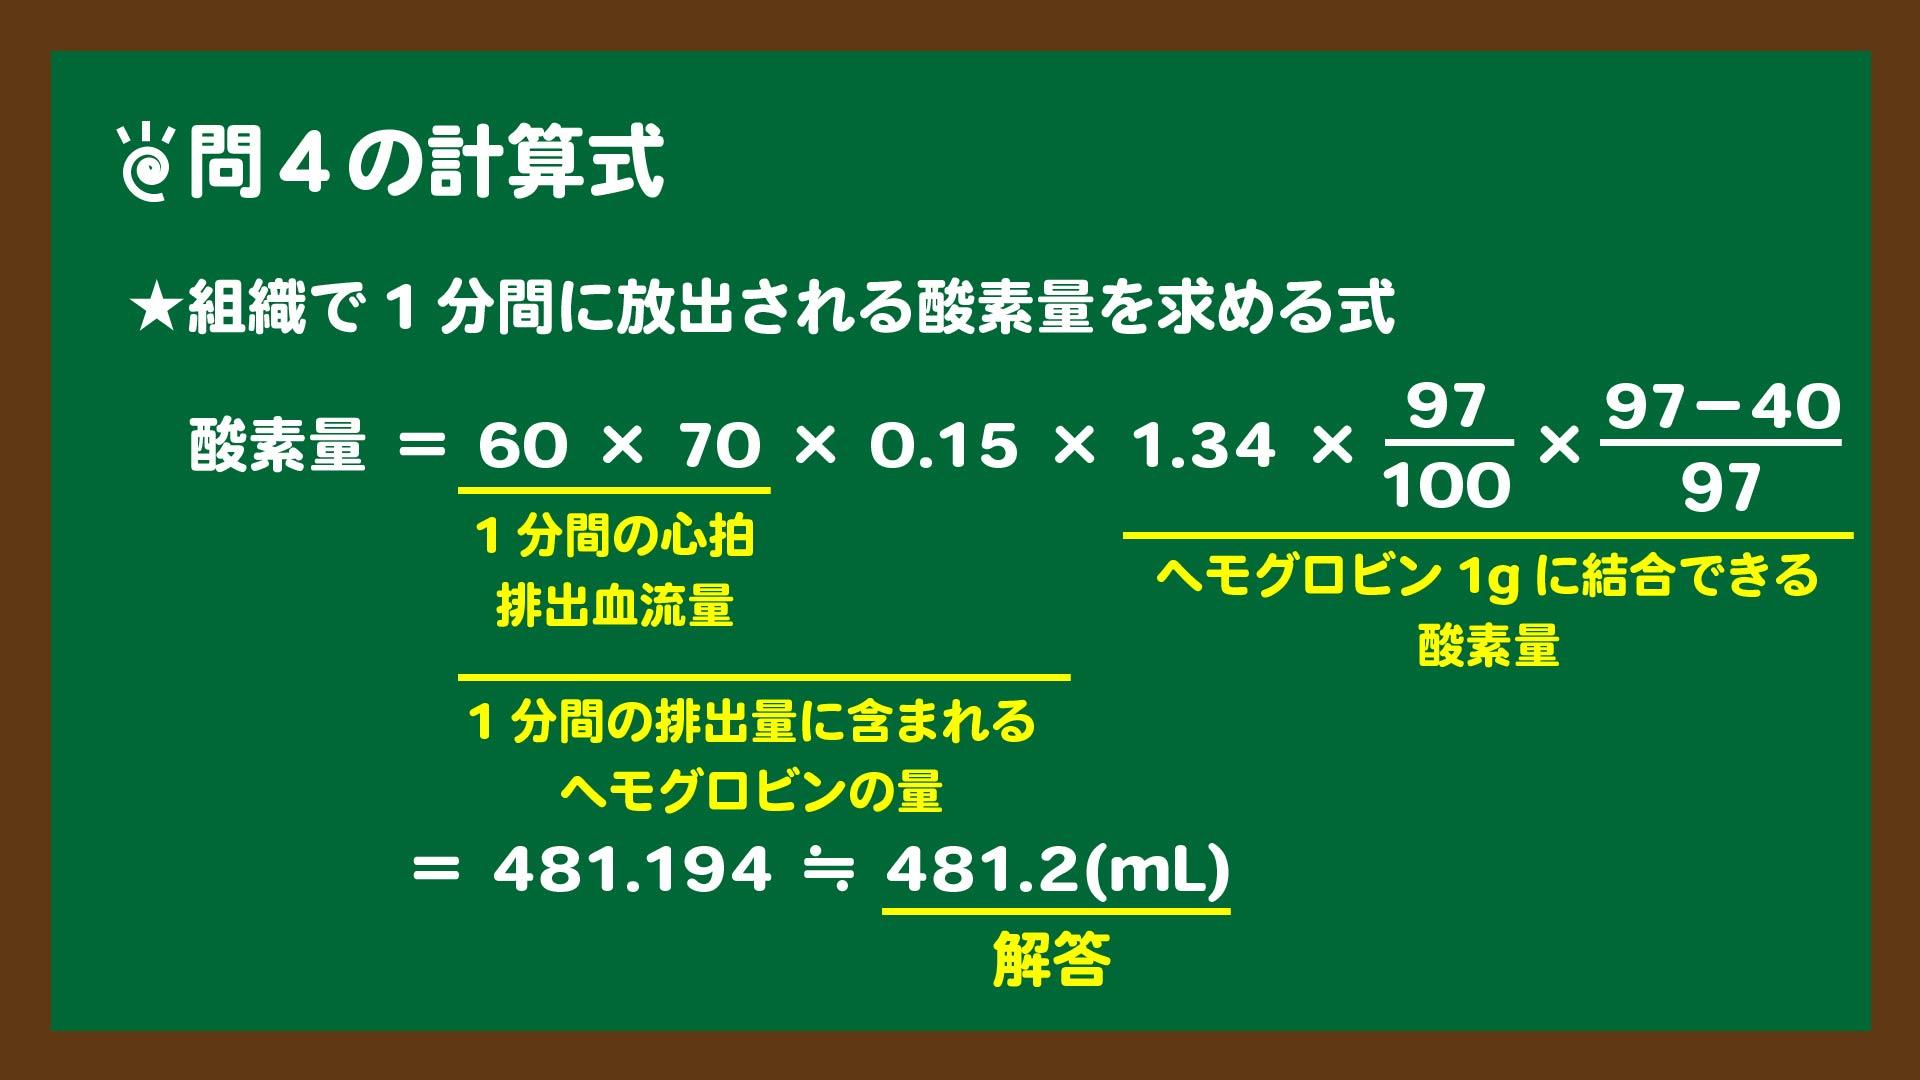 スライド9:問4の計算式(組織で1分間に放出される酸素量)